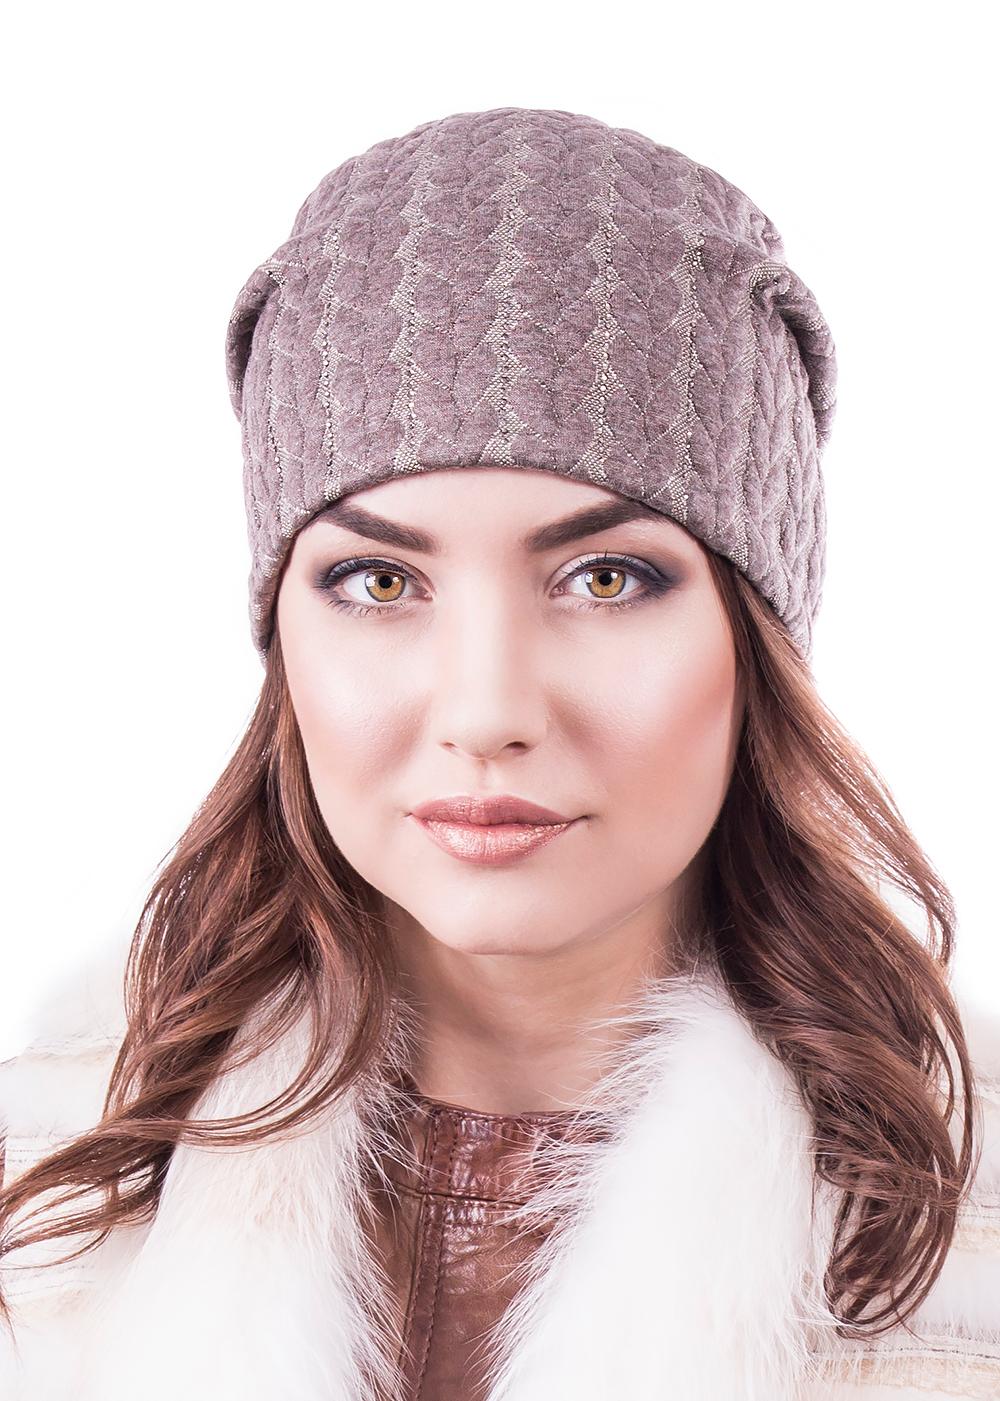 Шапка женская Level Pro, цвет: бежевый. 999216. Размер 53/55999216Женская шапка Level Pro изготовлена из комбинации вискозы, полиэстера и эластана, подкладка - из флиса. Уважаемые клиенты!Размер, доступный для заказа, является обхватом головы.